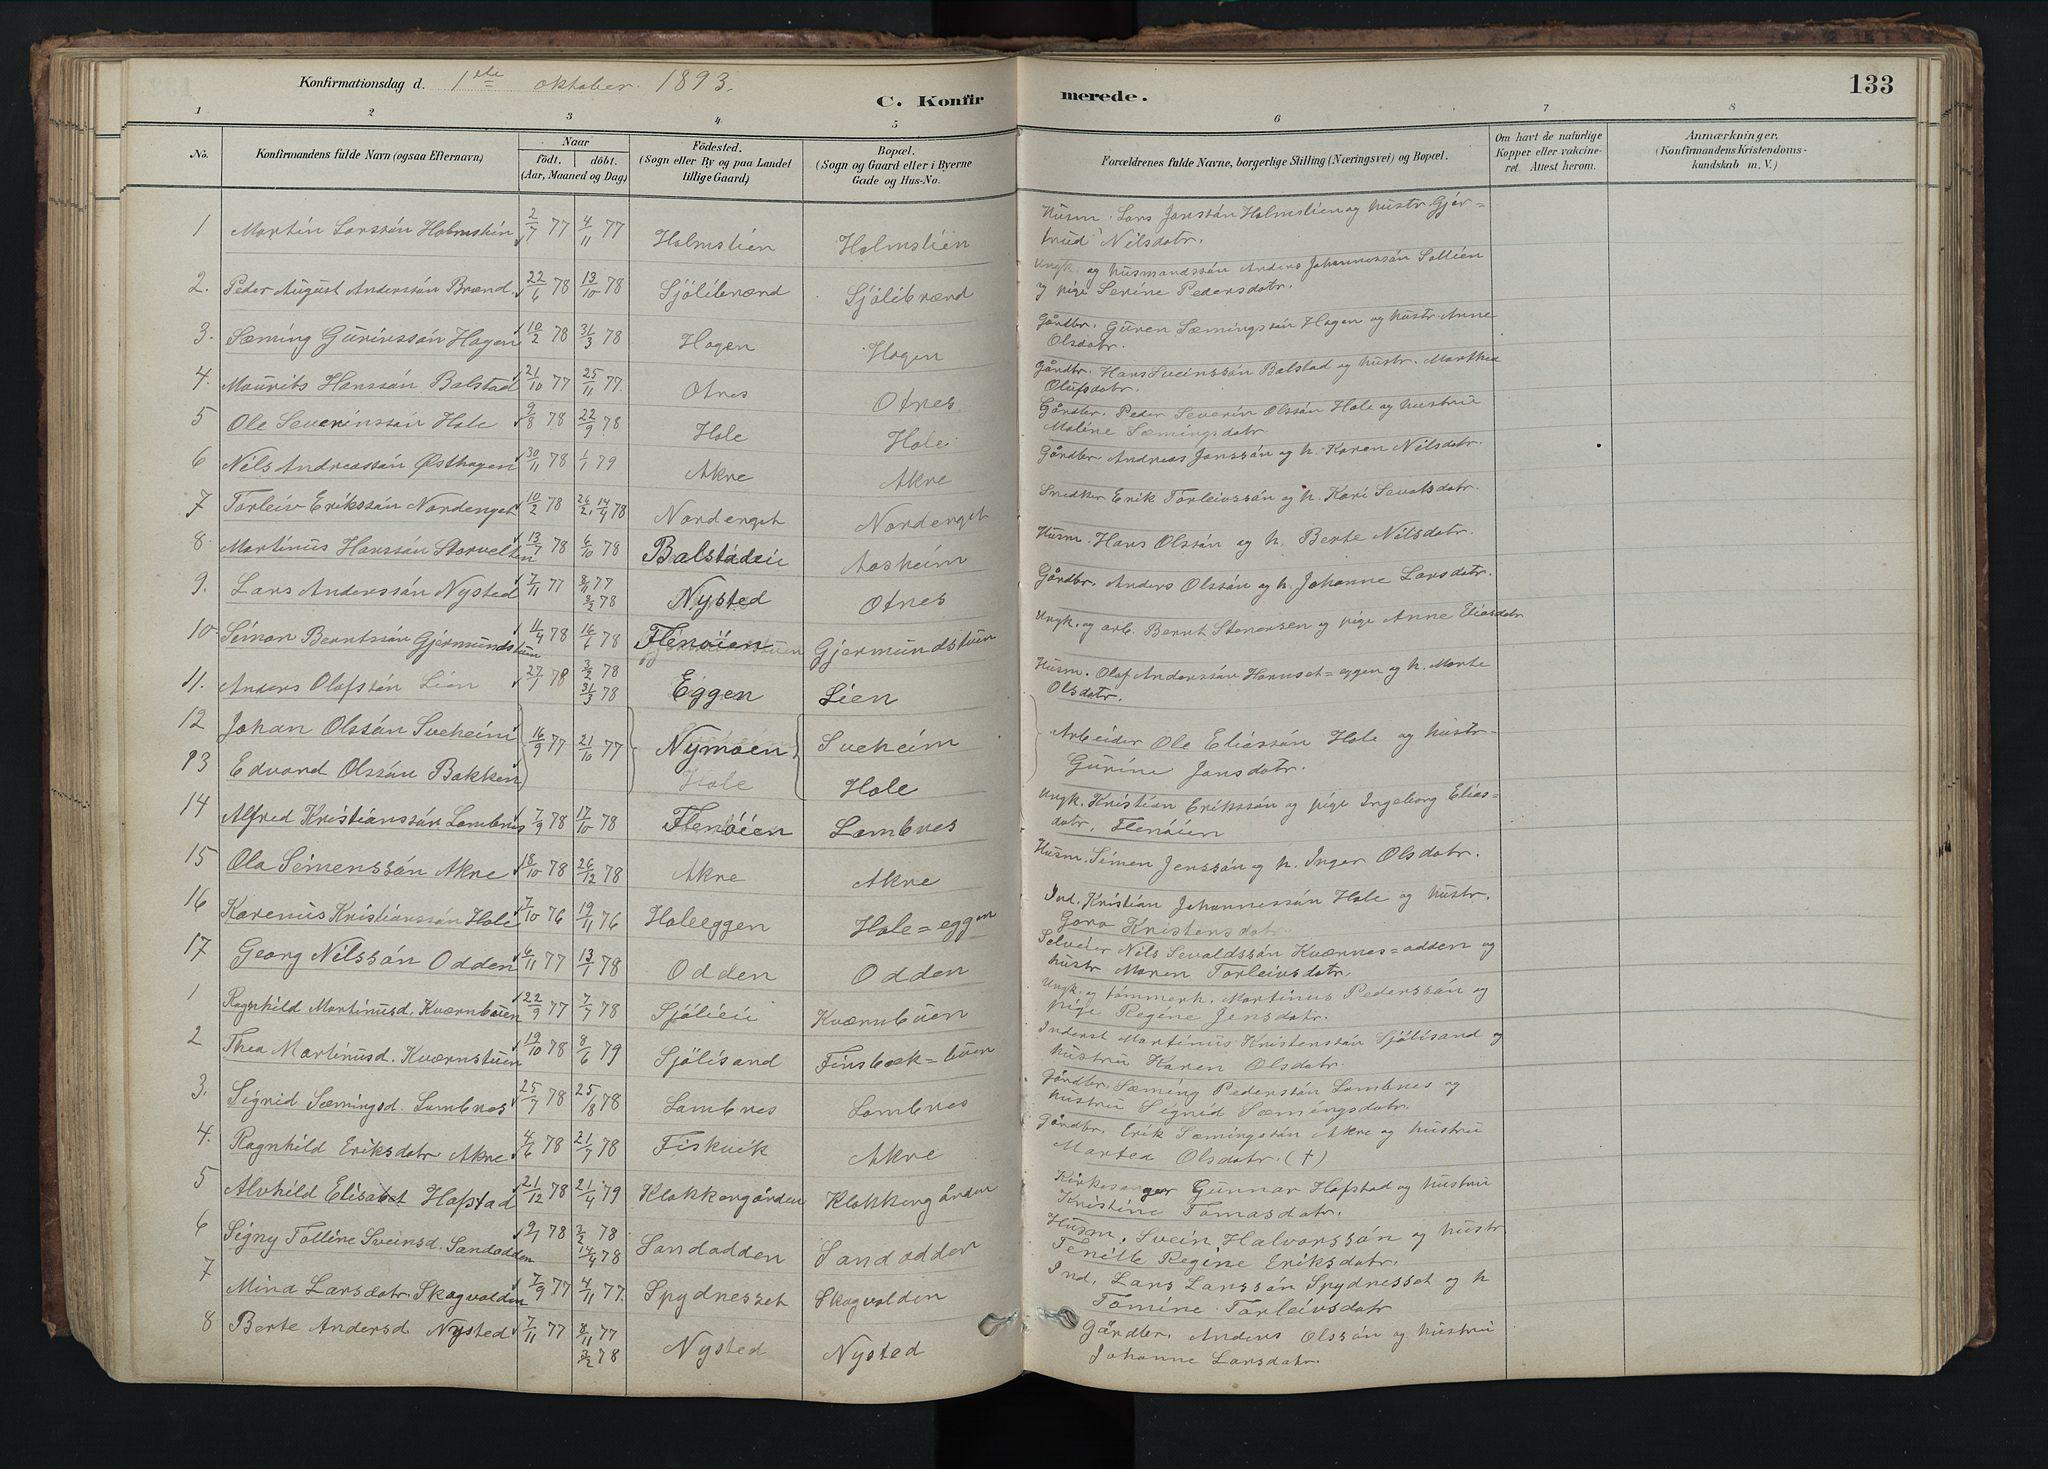 SAH, Rendalen prestekontor, H/Ha/Hab/L0009: Klokkerbok nr. 9, 1879-1902, s. 133